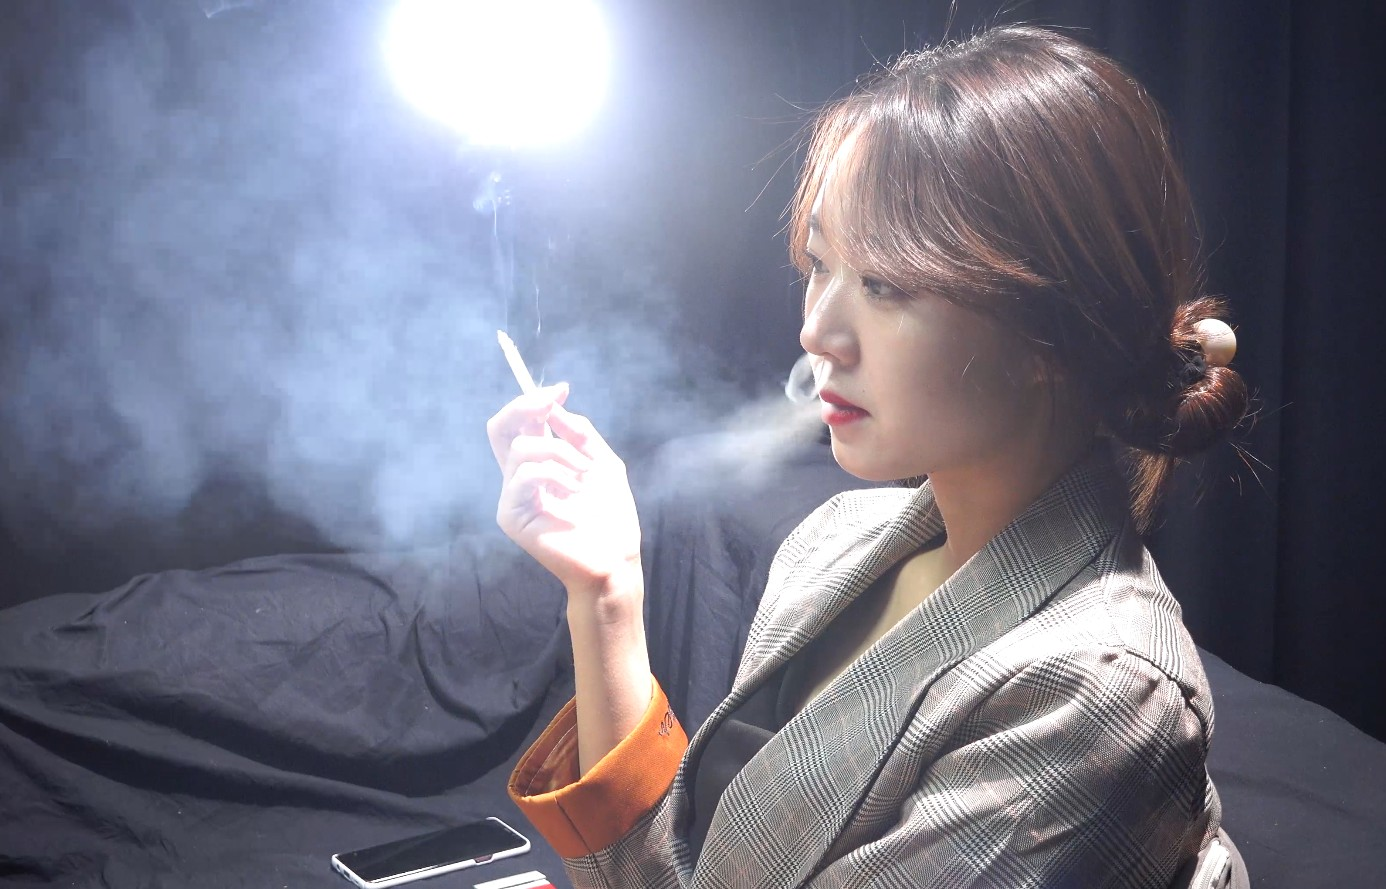 我是做演员行业的拍戏的时候剧组大家一起抽烟一起讨论剧本